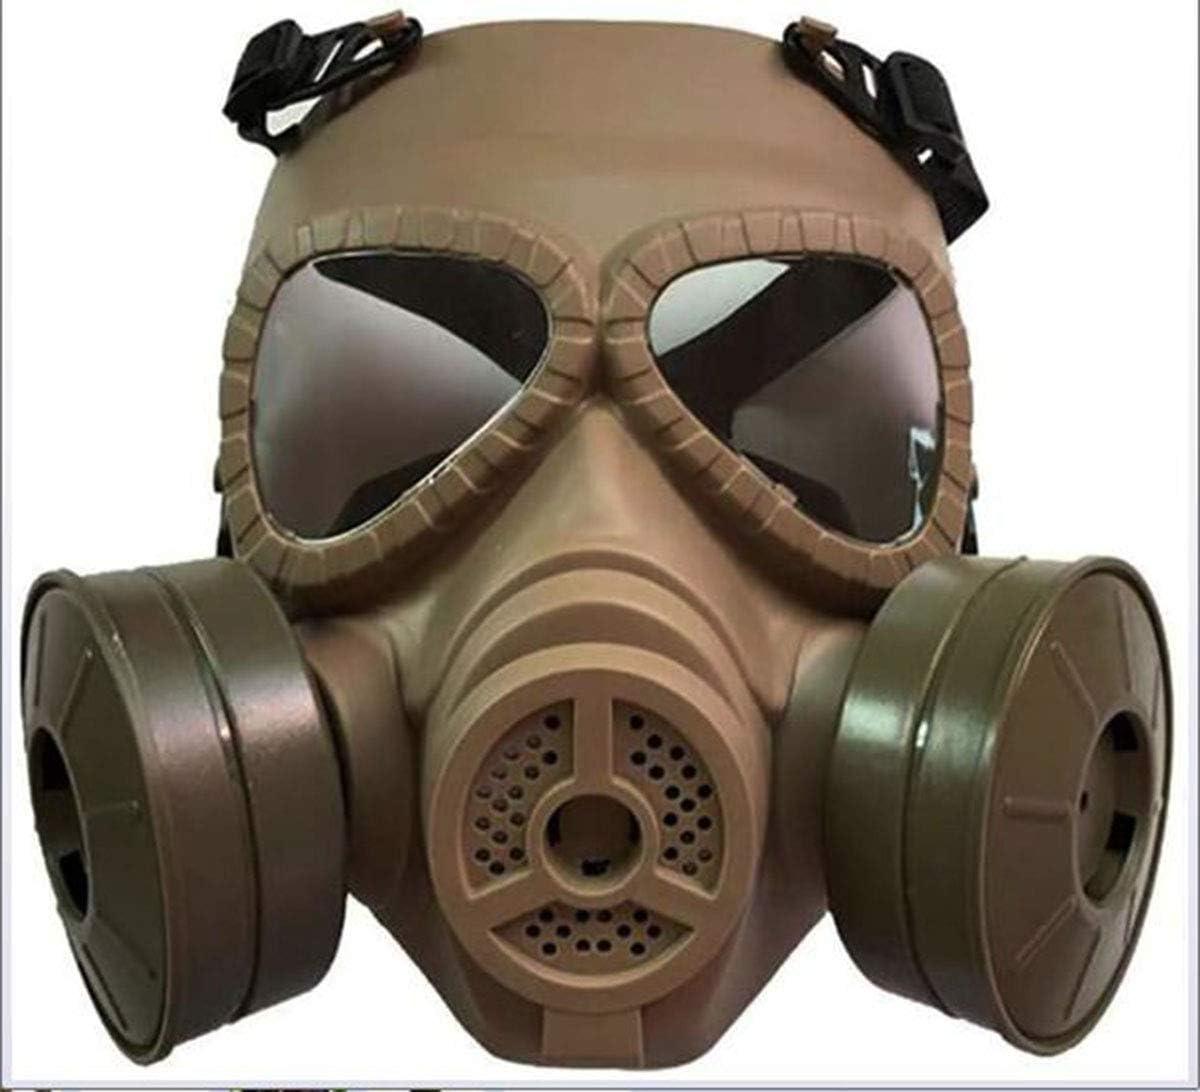 Hyl Máscara de Gas Completa y máscara de protección de Goma respirador de 360 °, protección Total ampliamente Utilizada en Gas orgánico, Pintura, carpintería, protección contra el Polvo